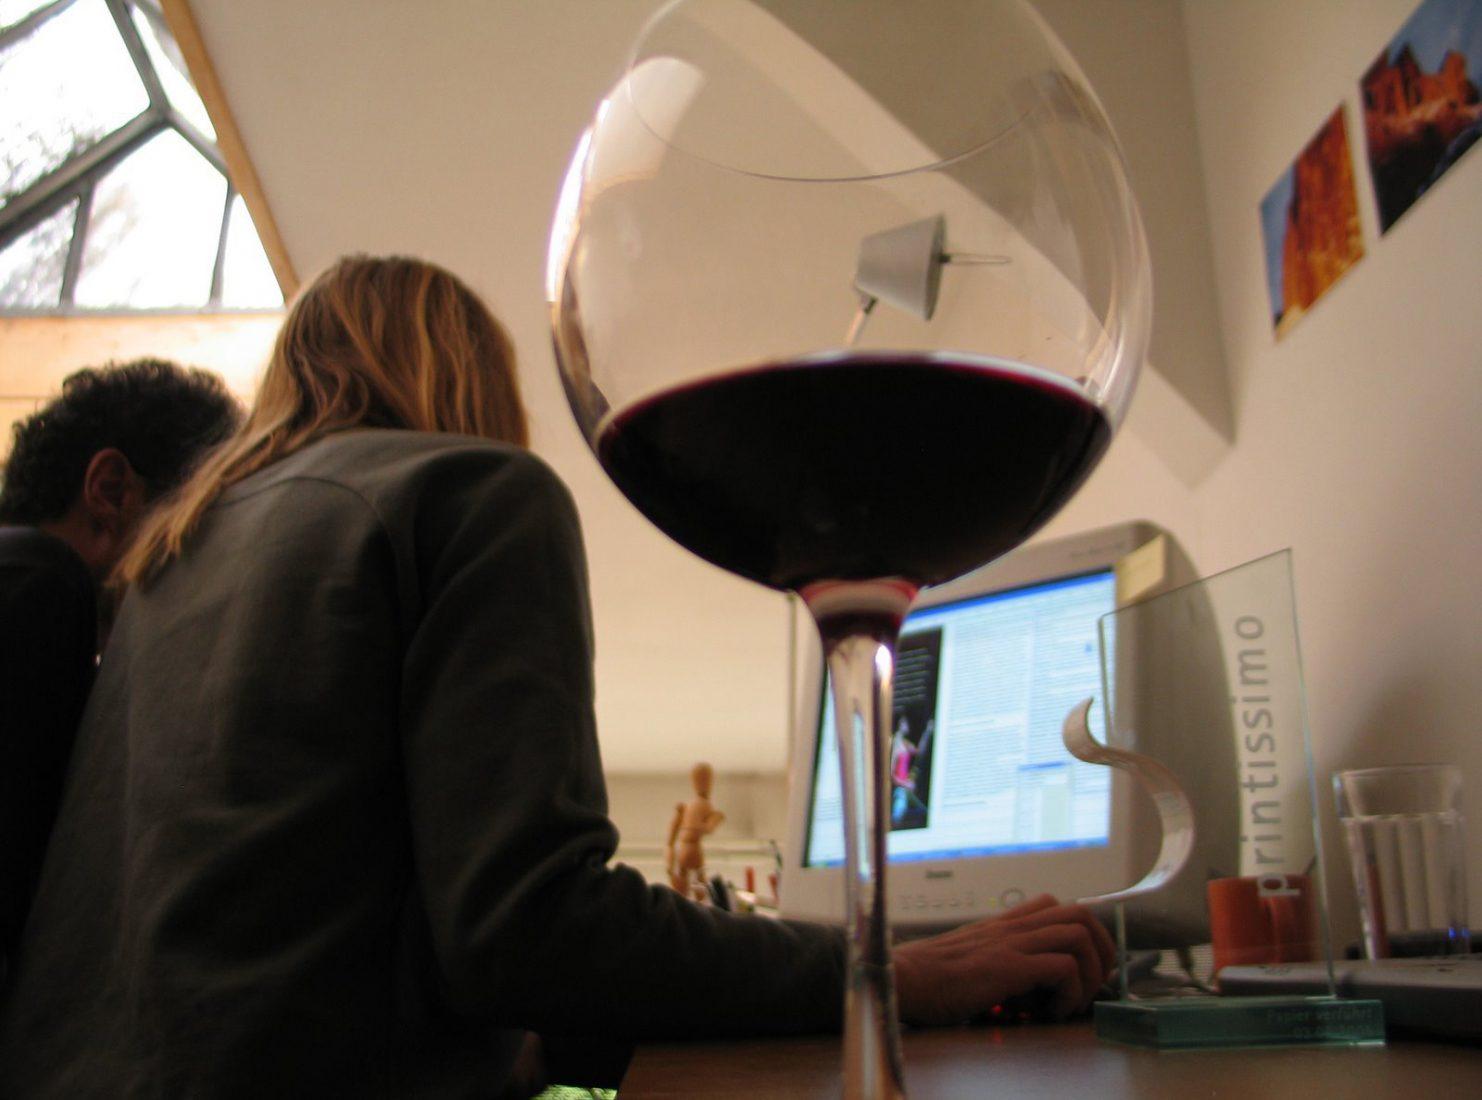 Chefredaktuer Michael Larcher und Grafikerin Christine Brandmaier 2005 bei einer bergundsteigen-Endkorrektur. Zur Motivation dienen Rotwein und der gerade verliehene Printissimo.